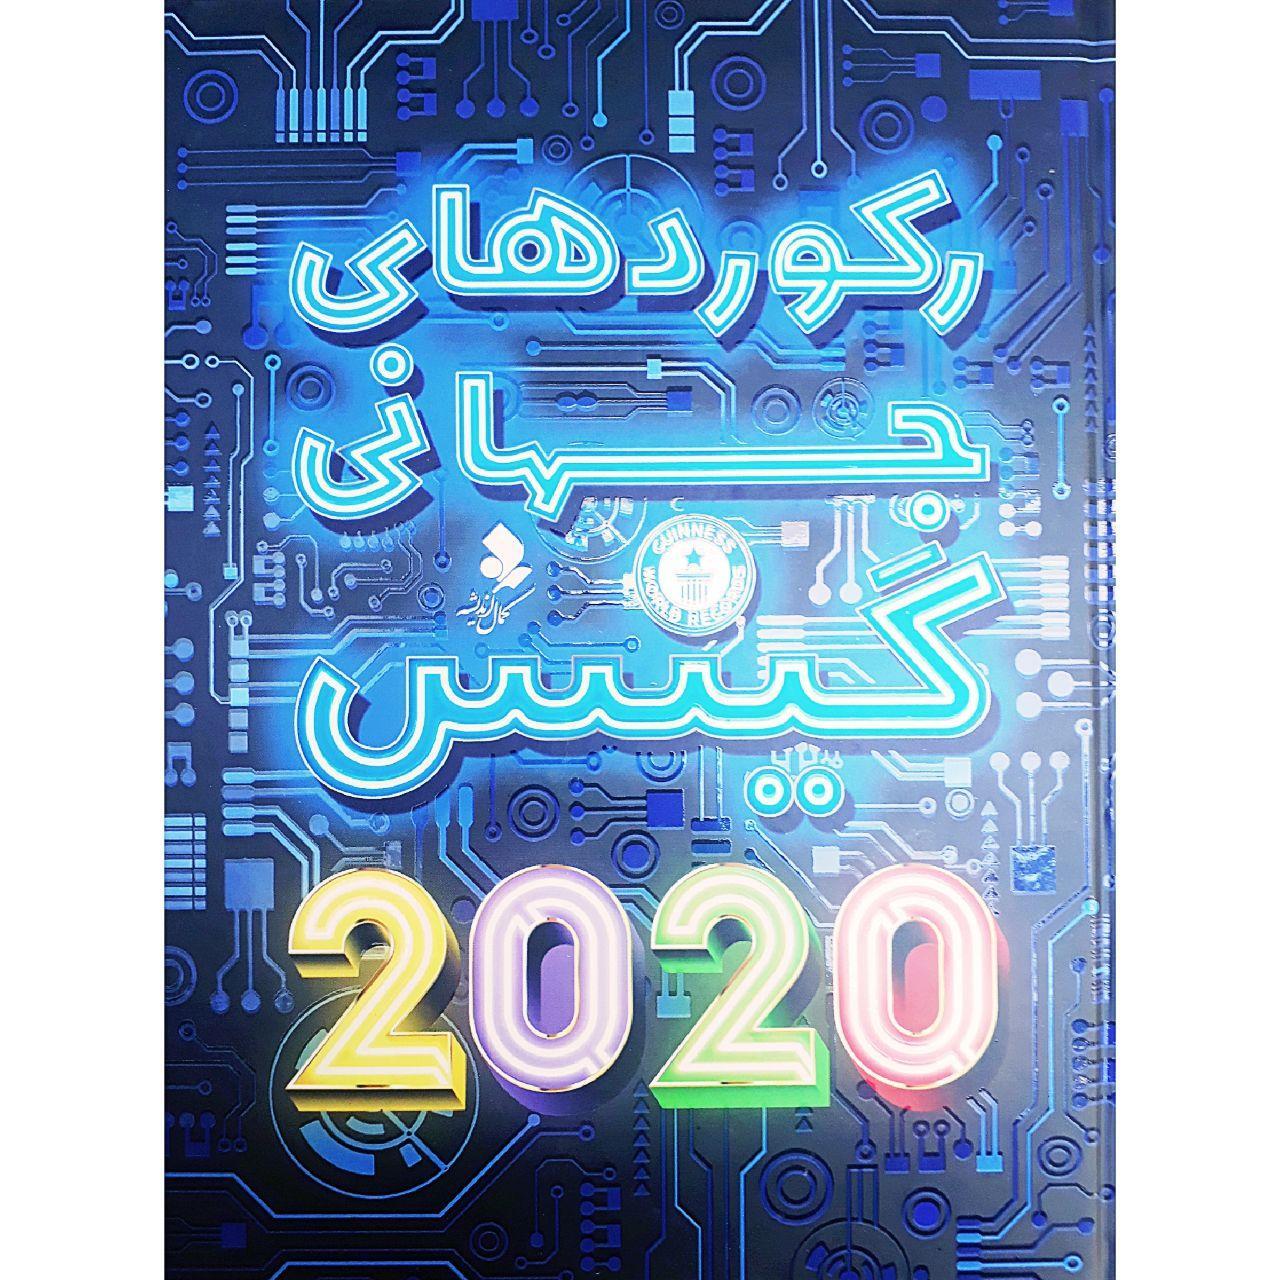 خرید                      کتاب رکورد های جهانی گینس 2020 اثر مریم اصغرپور و حوا میرمحمدیان انتشارات کمال اندیشه